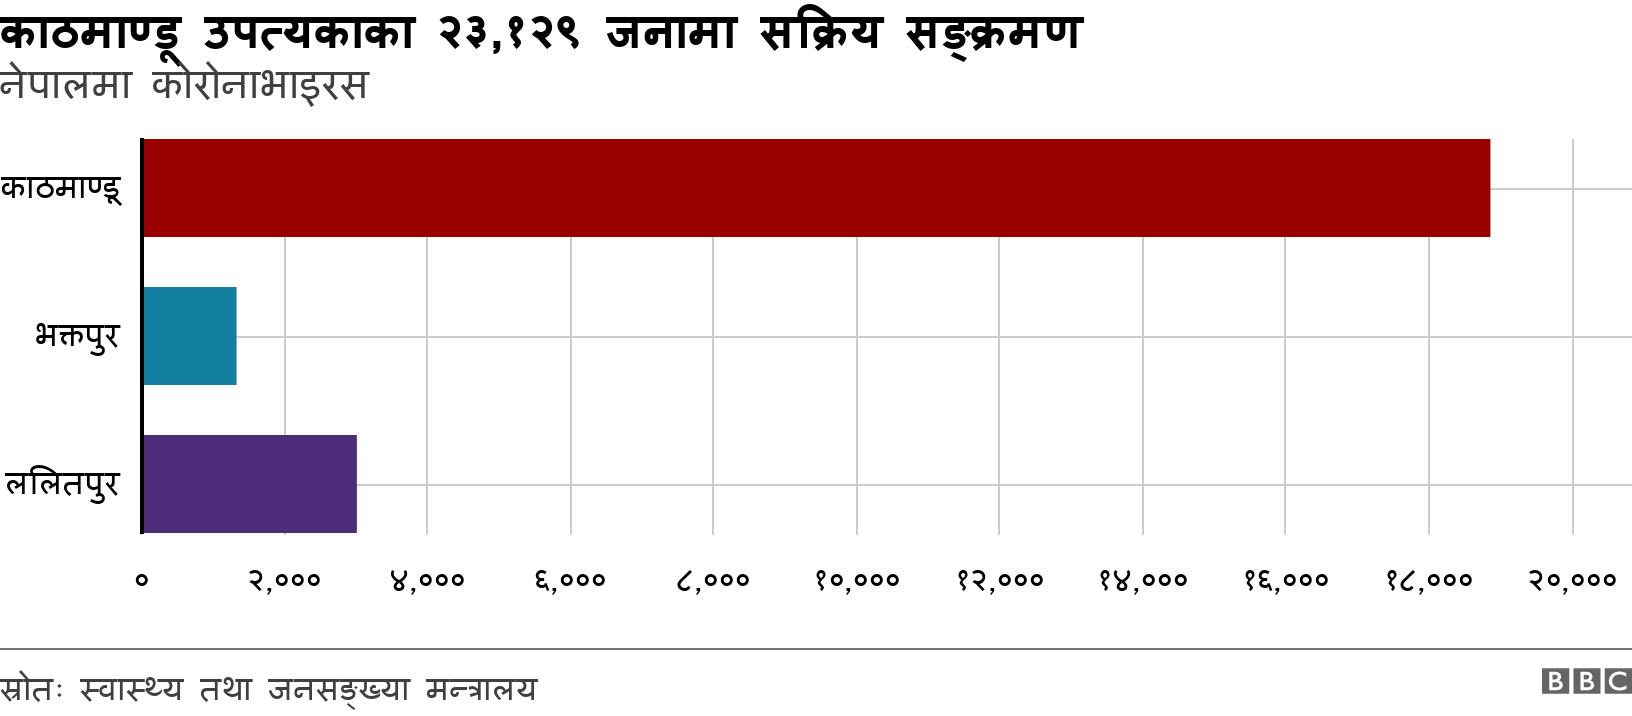 काठमाण्डू उपत्यकाका २३,१२९ जनामा सक्रिय सङ्क्रमण. नेपालमा कोरोनाभाइरस.  .